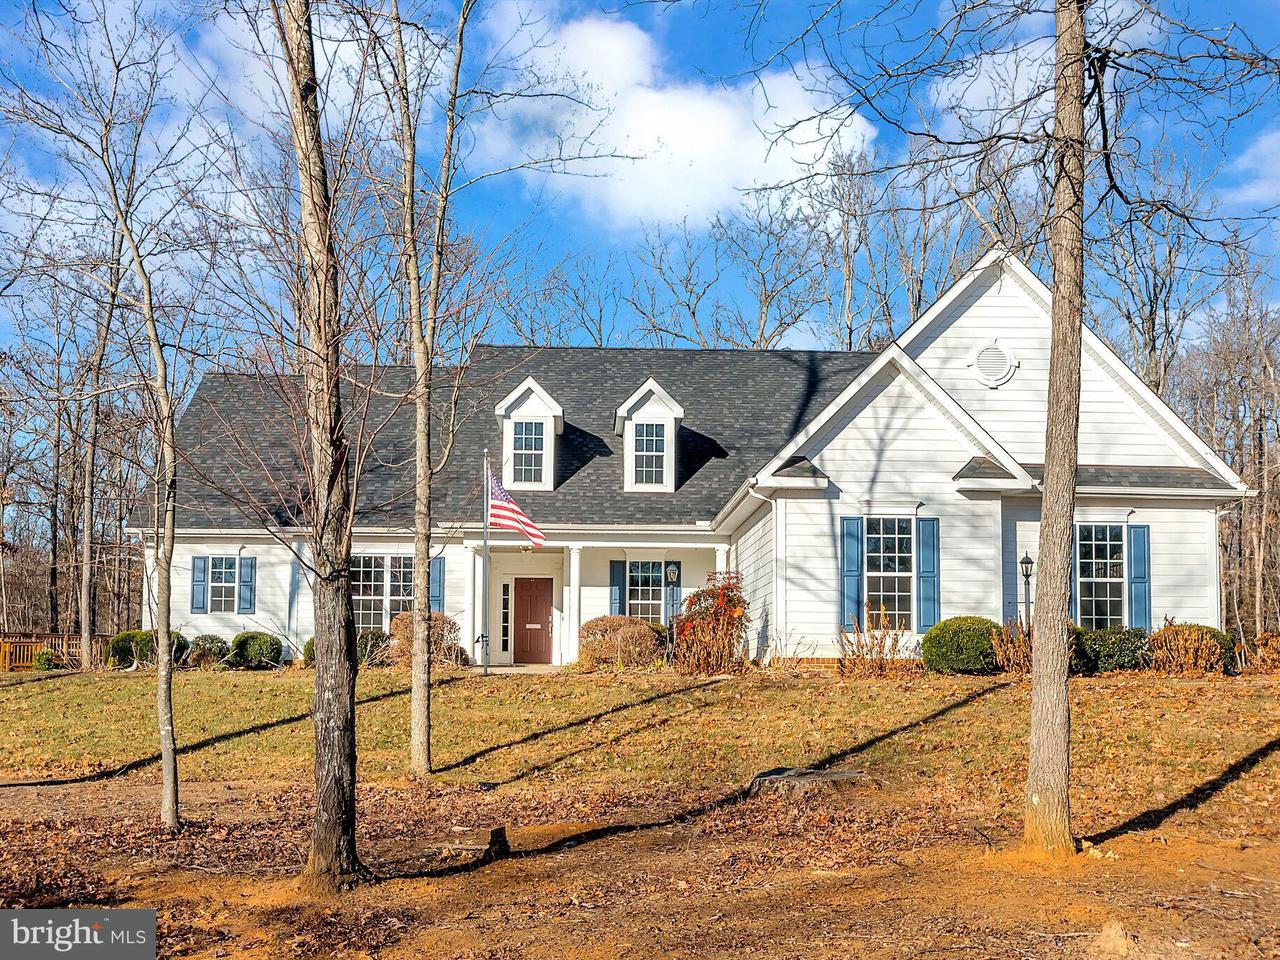 獨棟家庭住宅 為 出售 在 8730 LAROQUE RUN Drive 8730 LAROQUE RUN Drive Fredericksburg, 弗吉尼亞州 22407 美國